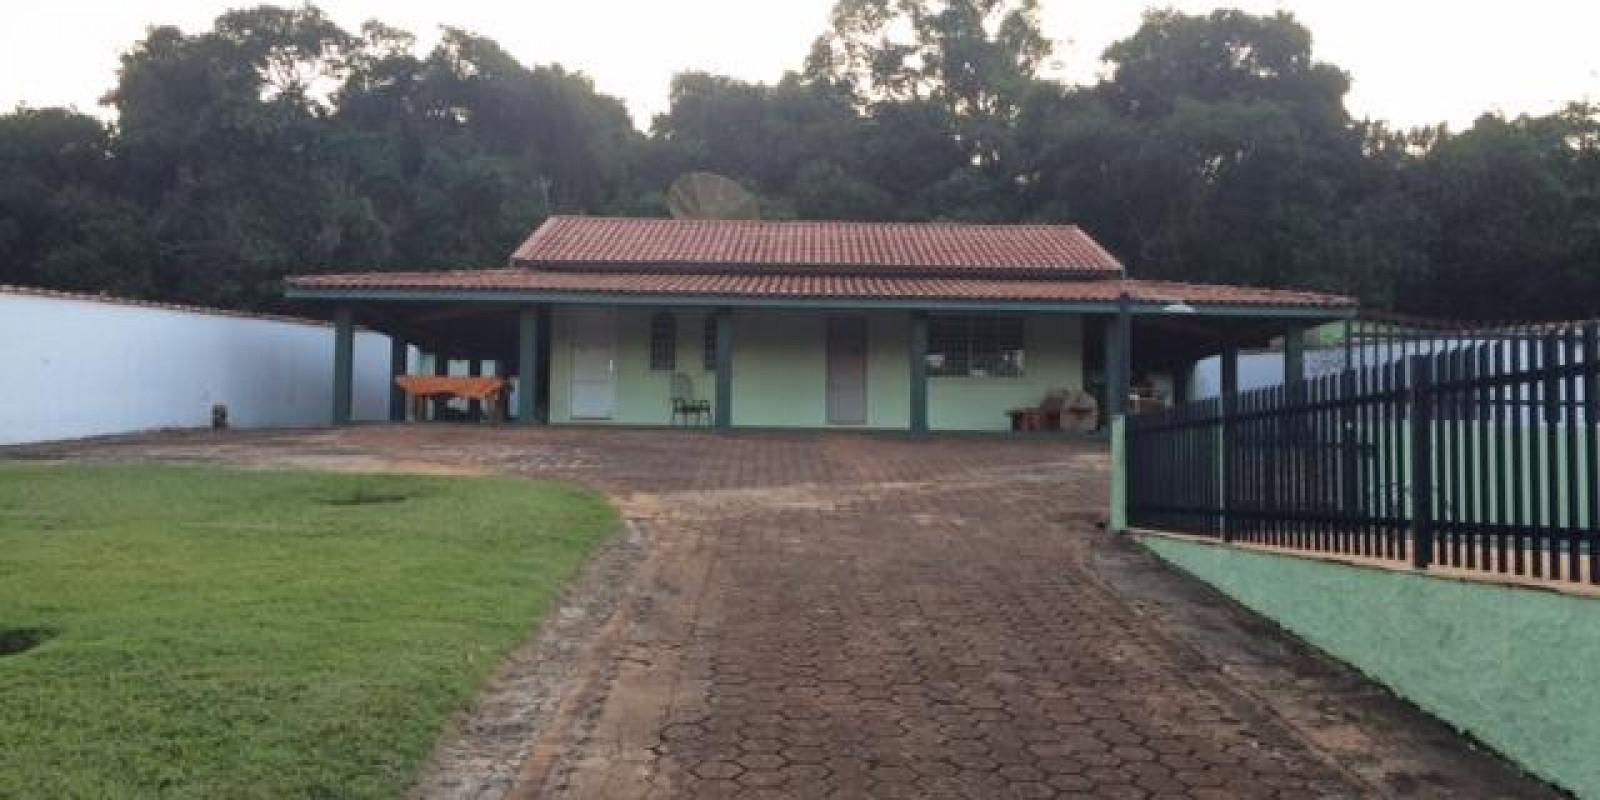 Casa para Temporada na Represa em Avaré SP - Foto 20 de 20